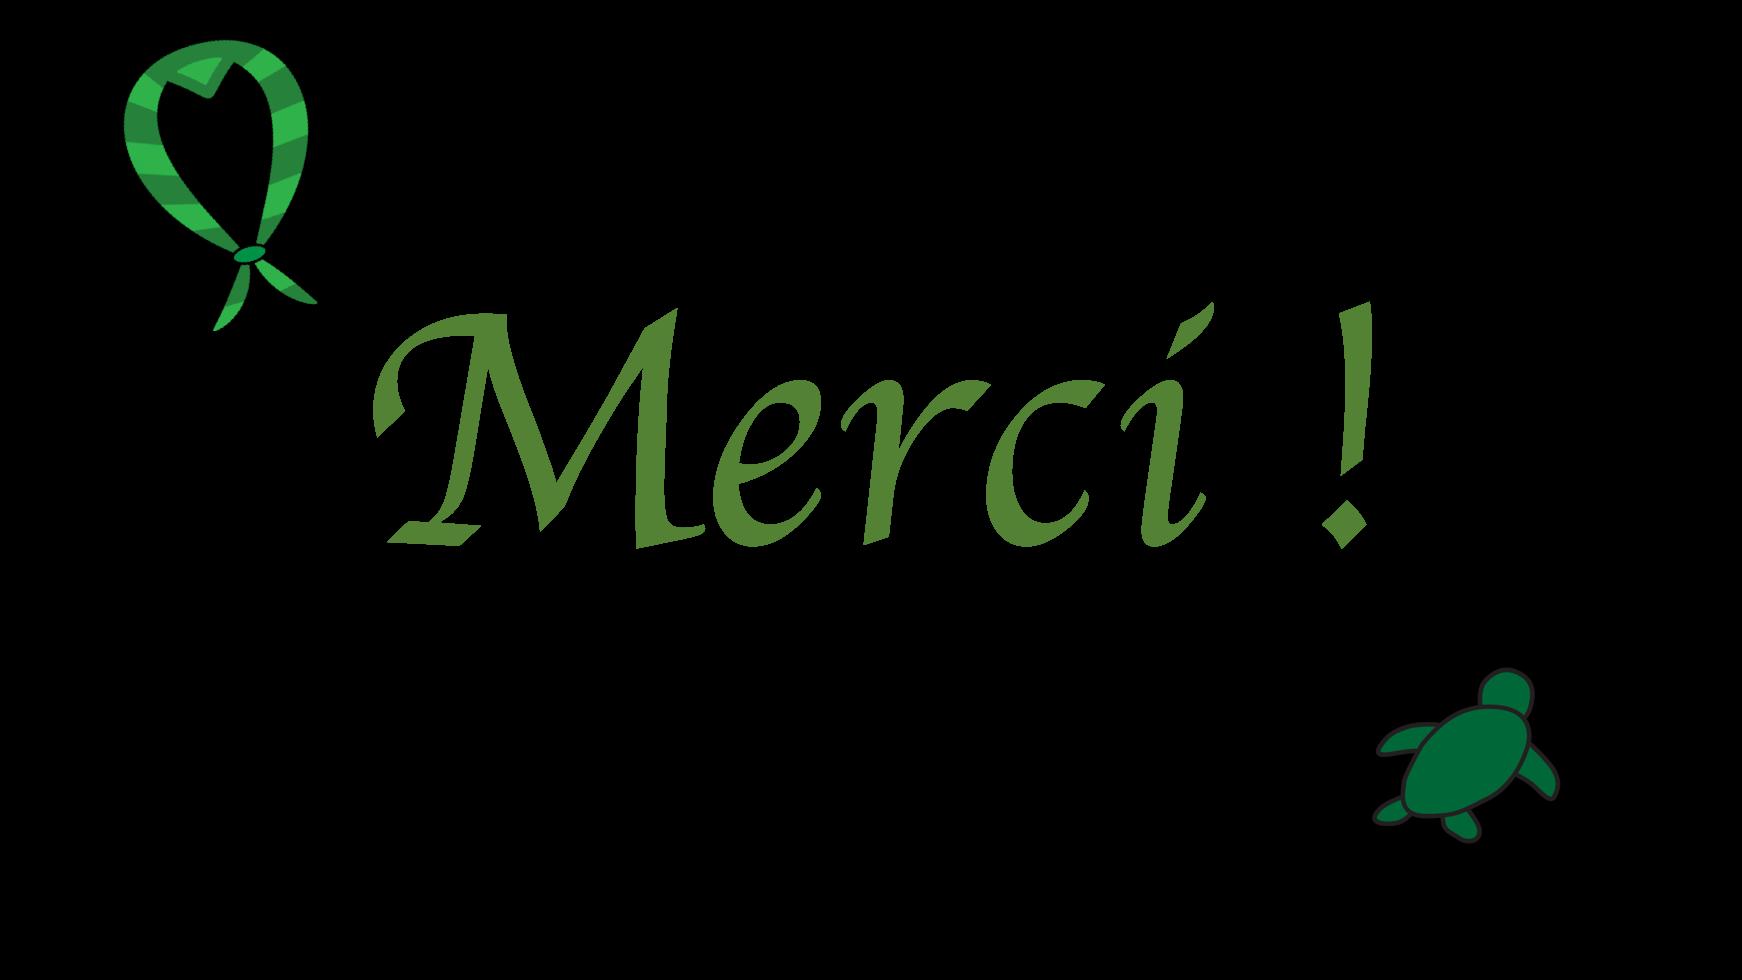 merci-1524413255.png